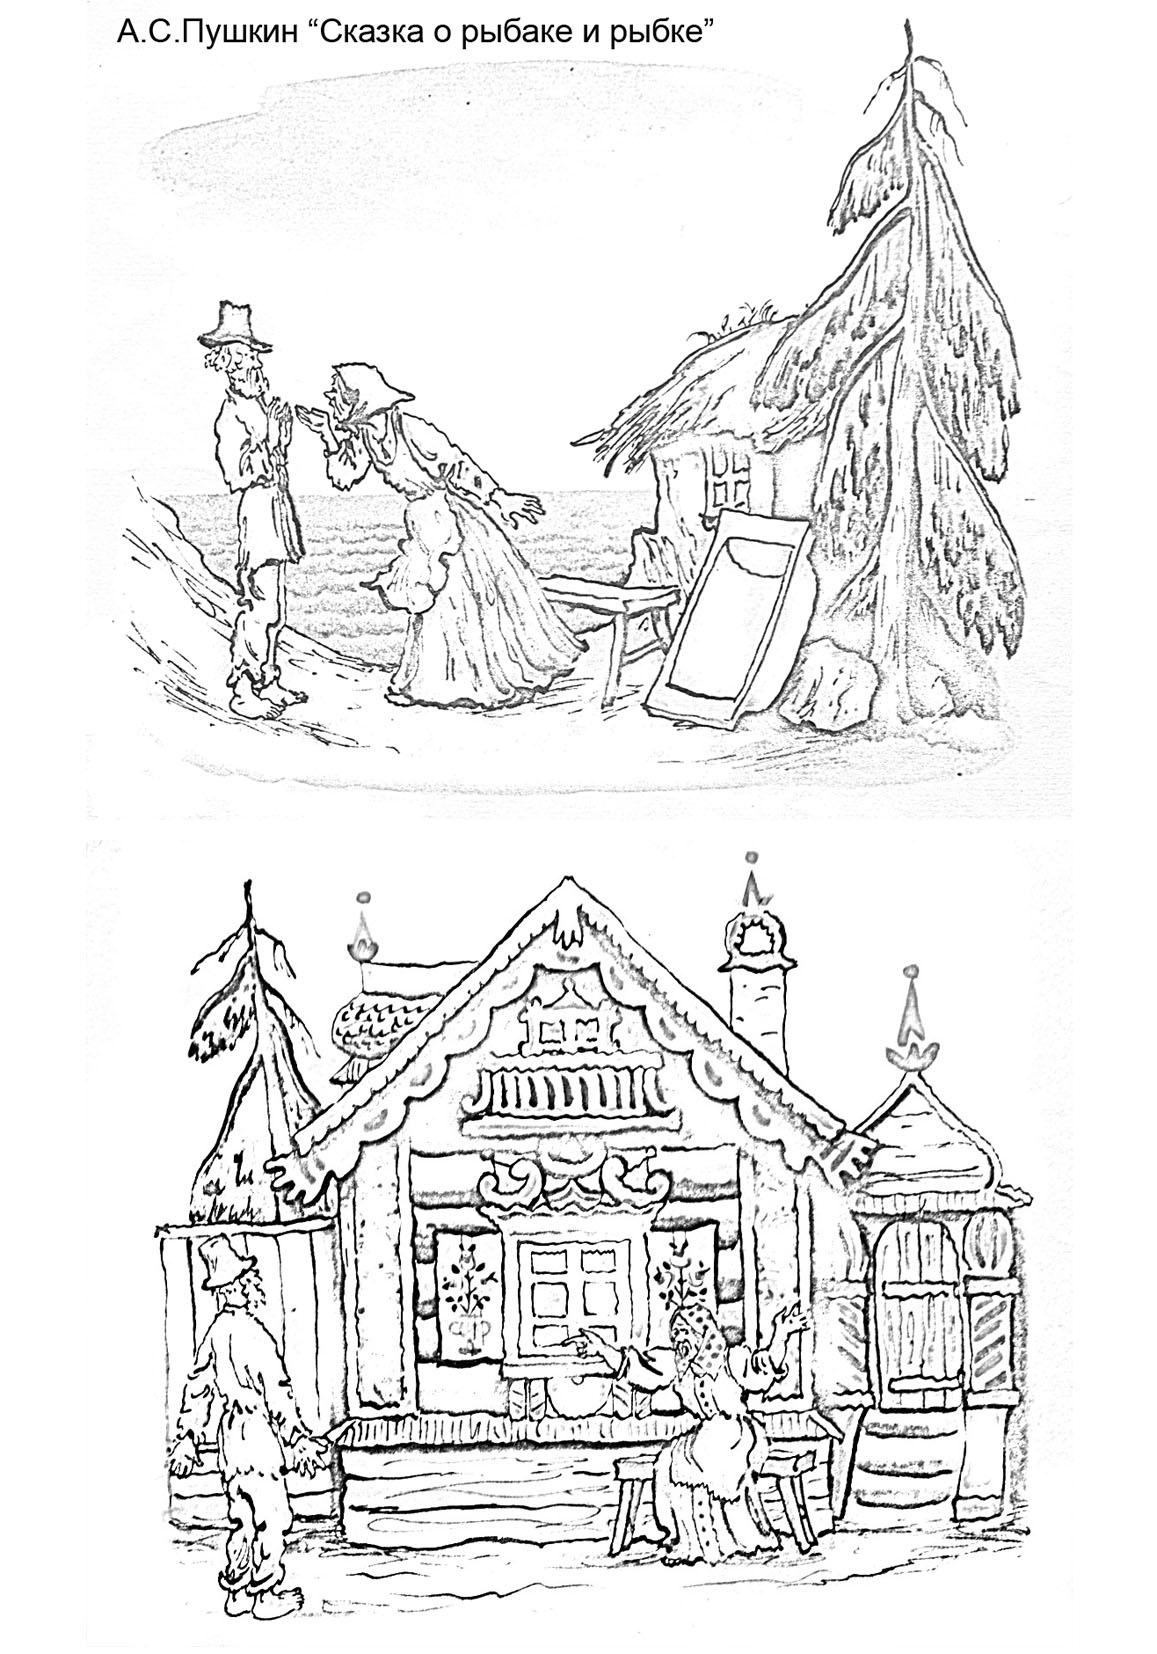 Раскраска по сказке Пушкина «Сказка о рыбаке и рыбке»